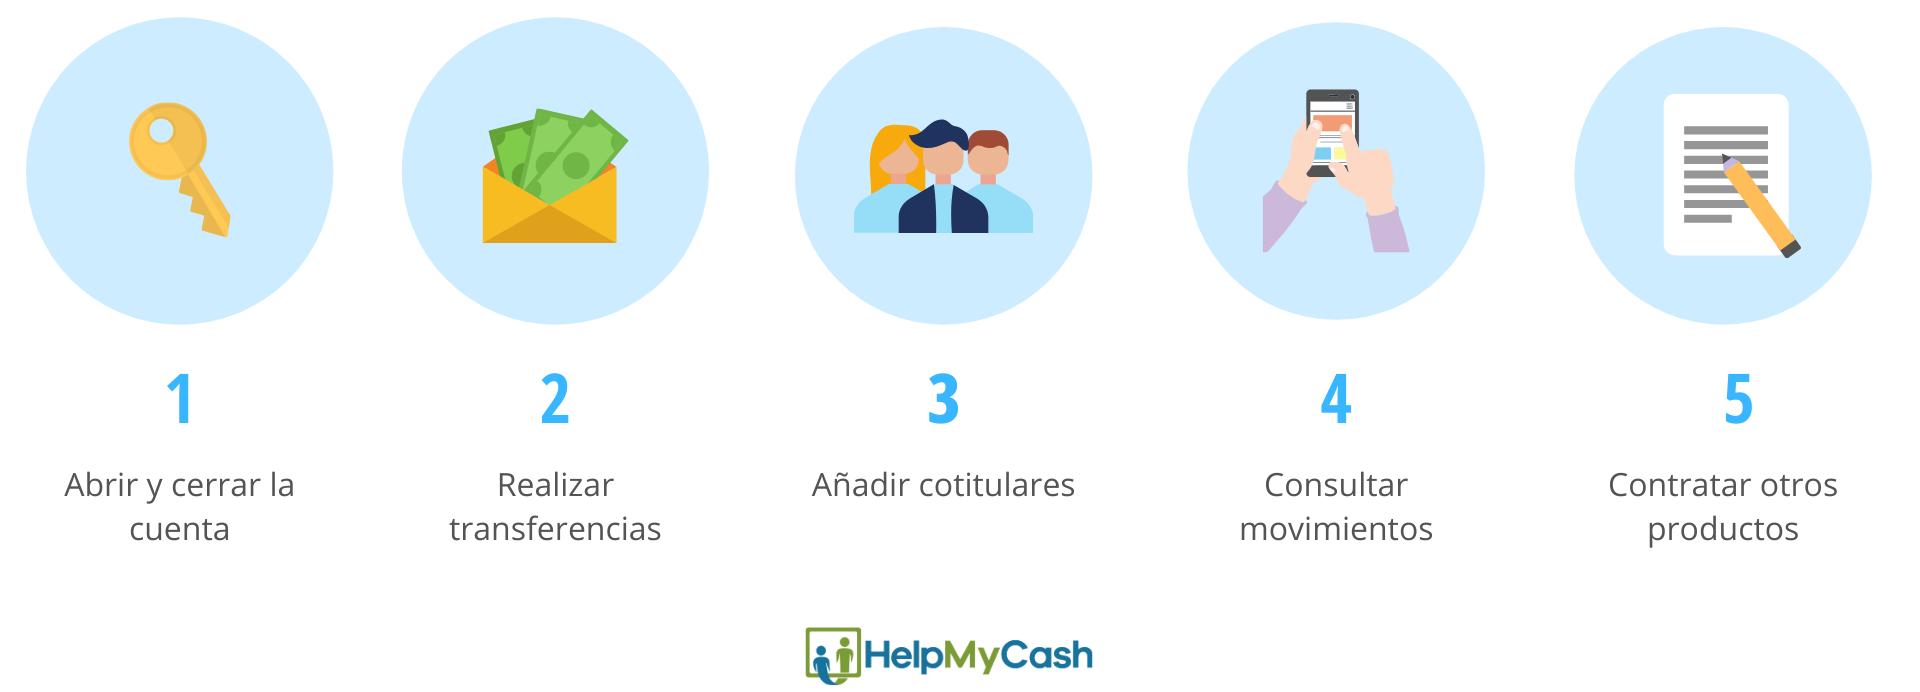 características de las cuentas bancarias online: 1- abrir y cerra la cuenta. 2- realizar transferencias. 3-añadir cotitulares. 4- consultar movimientos. 5- contratar otros productos.